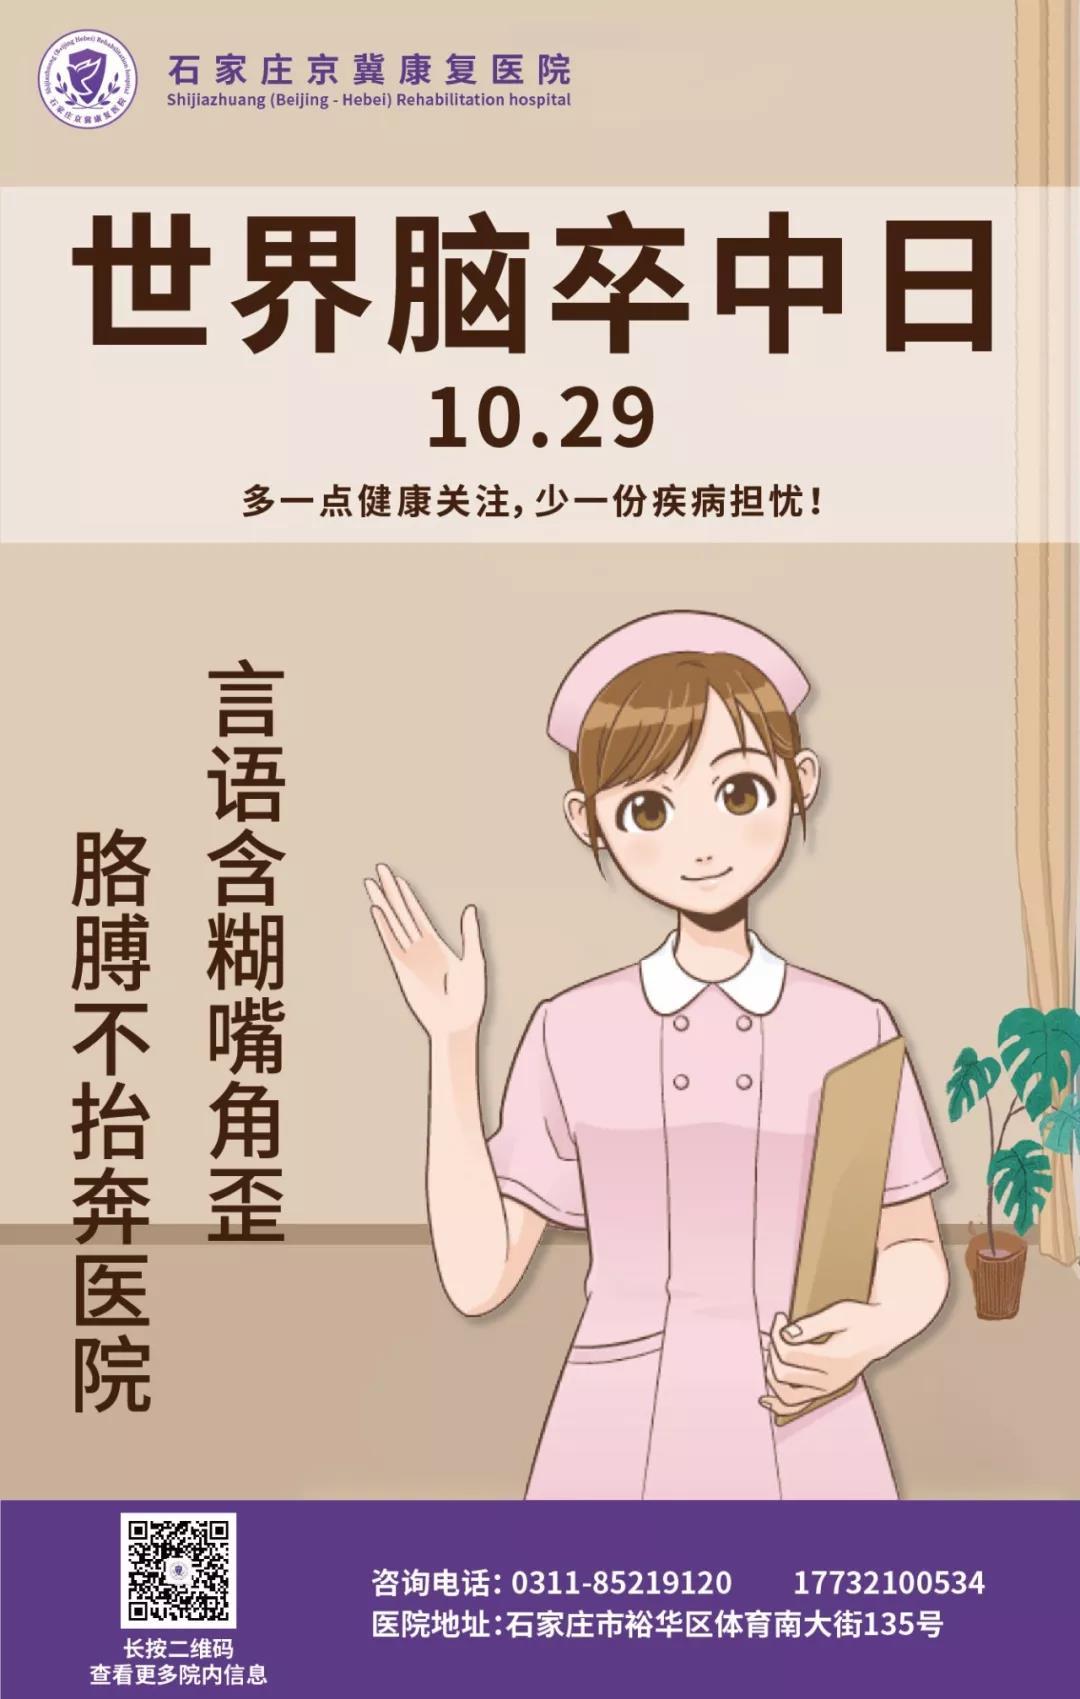 世界卒中日-石家庄京冀康复医院